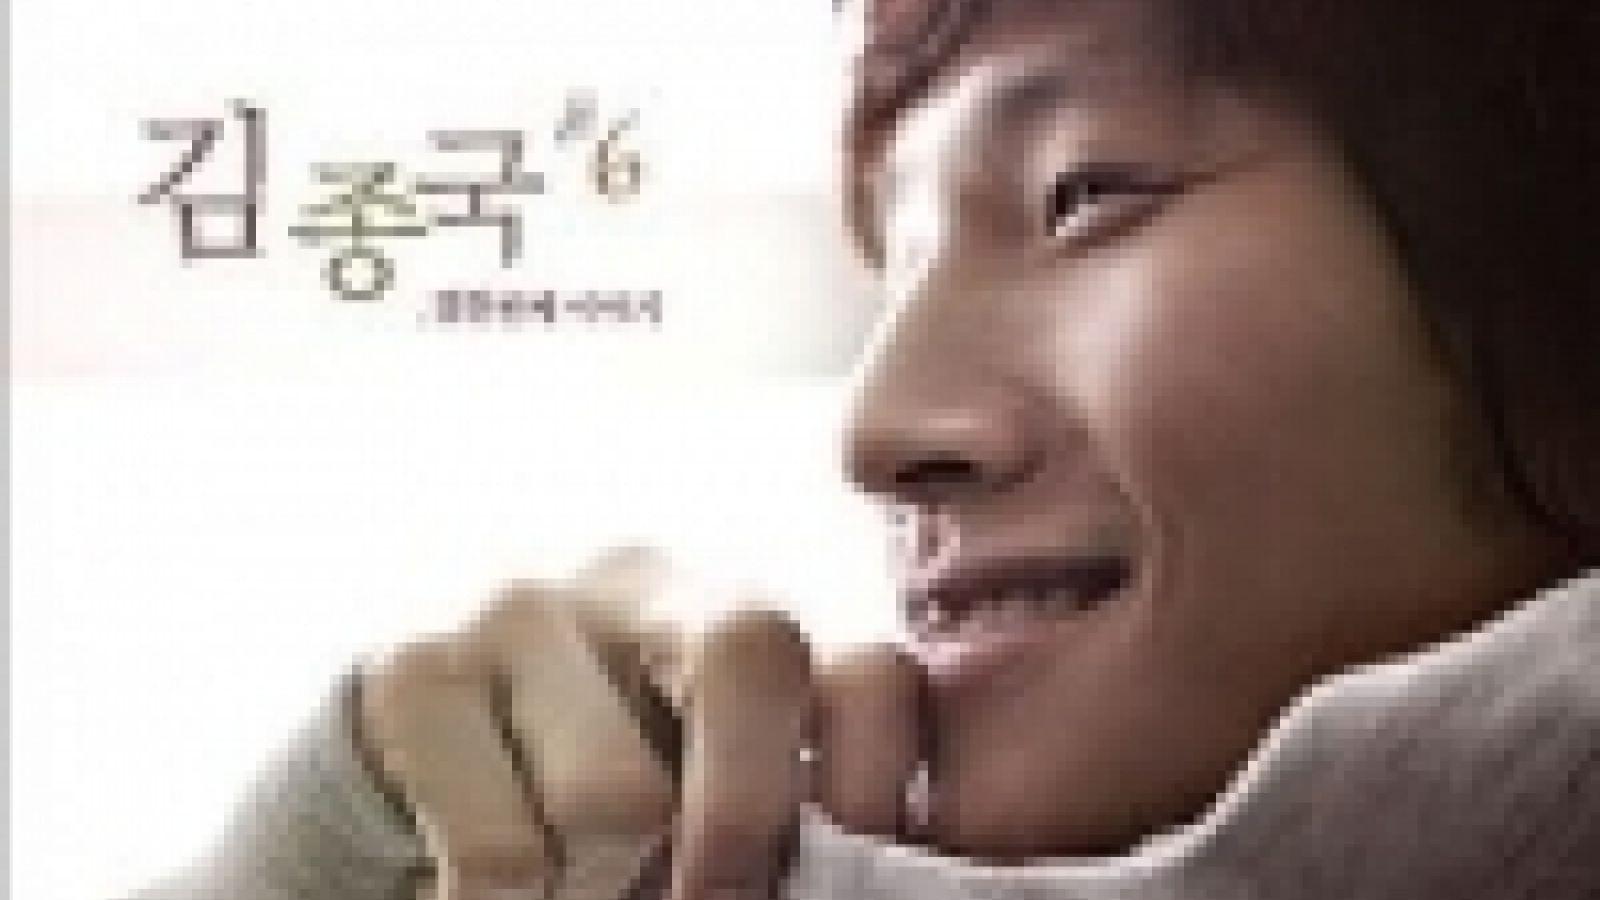 Kim Jong-Kook's Comeback © KoME